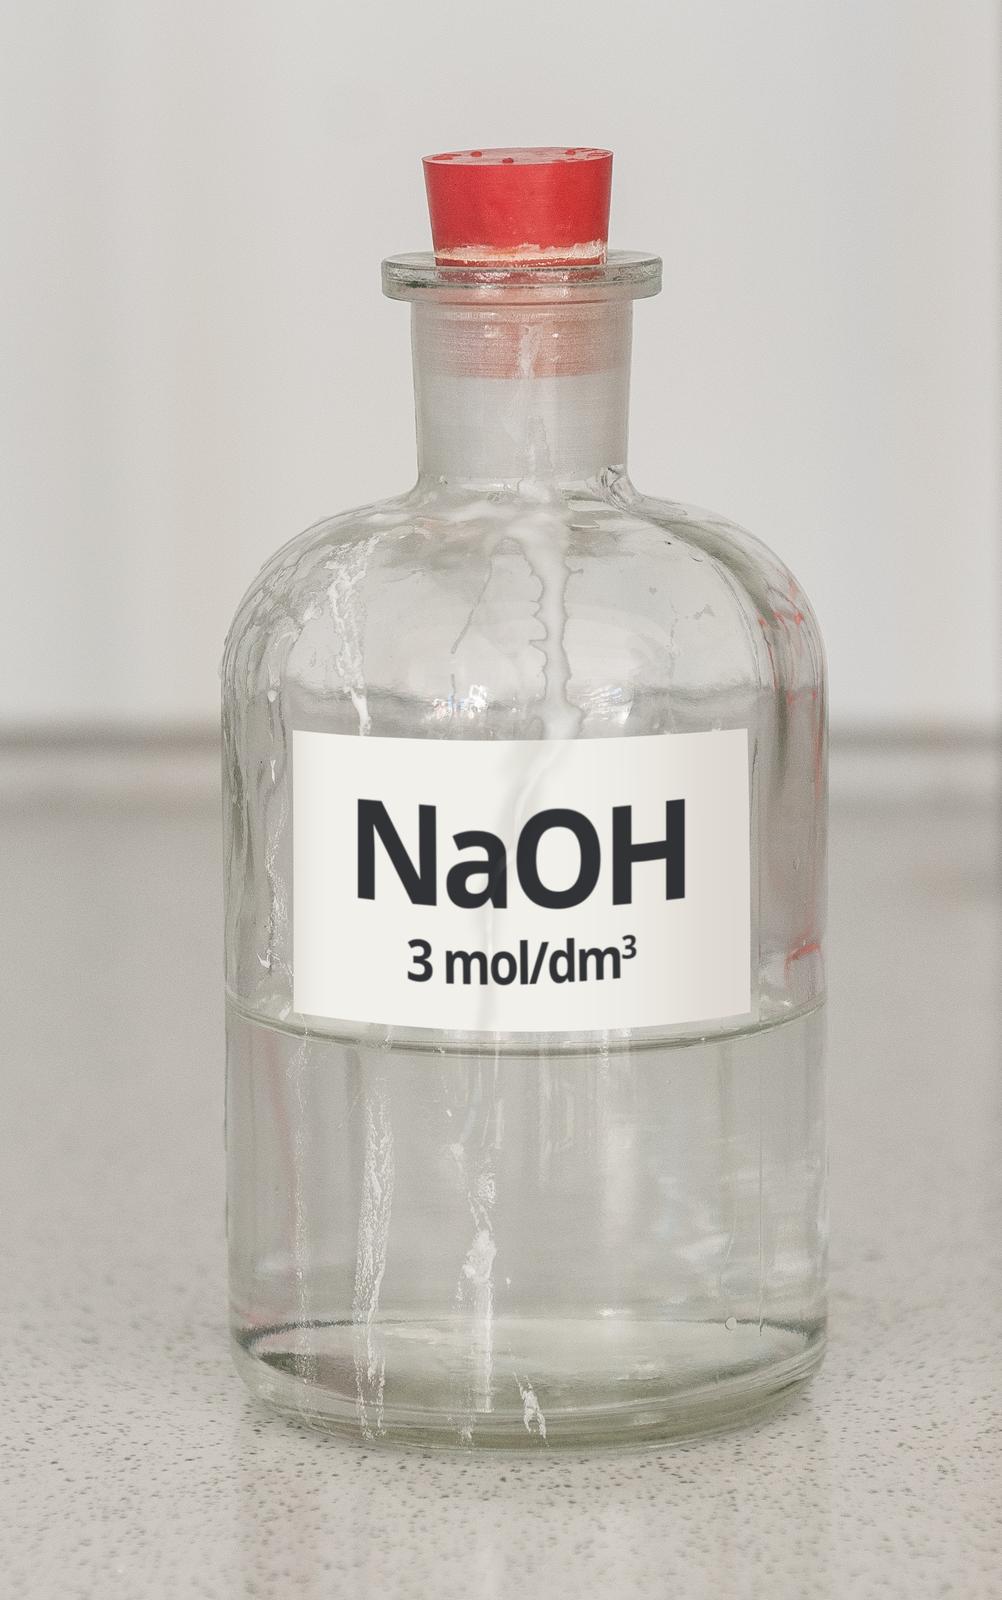 Zdjęcie przedstawia butelkę zprzezroczystego szkła wypełnioną do połowy przezroczystym roztworem. Butelka ma czerwony korek ztworzywa sztucznego ibiałą etykietkę znapisem NaOH, 3 mole na decymetr sześcienny. Na zewnętrznych ściankach butelki znajdują się liczne podłużne smugi białego osadu.